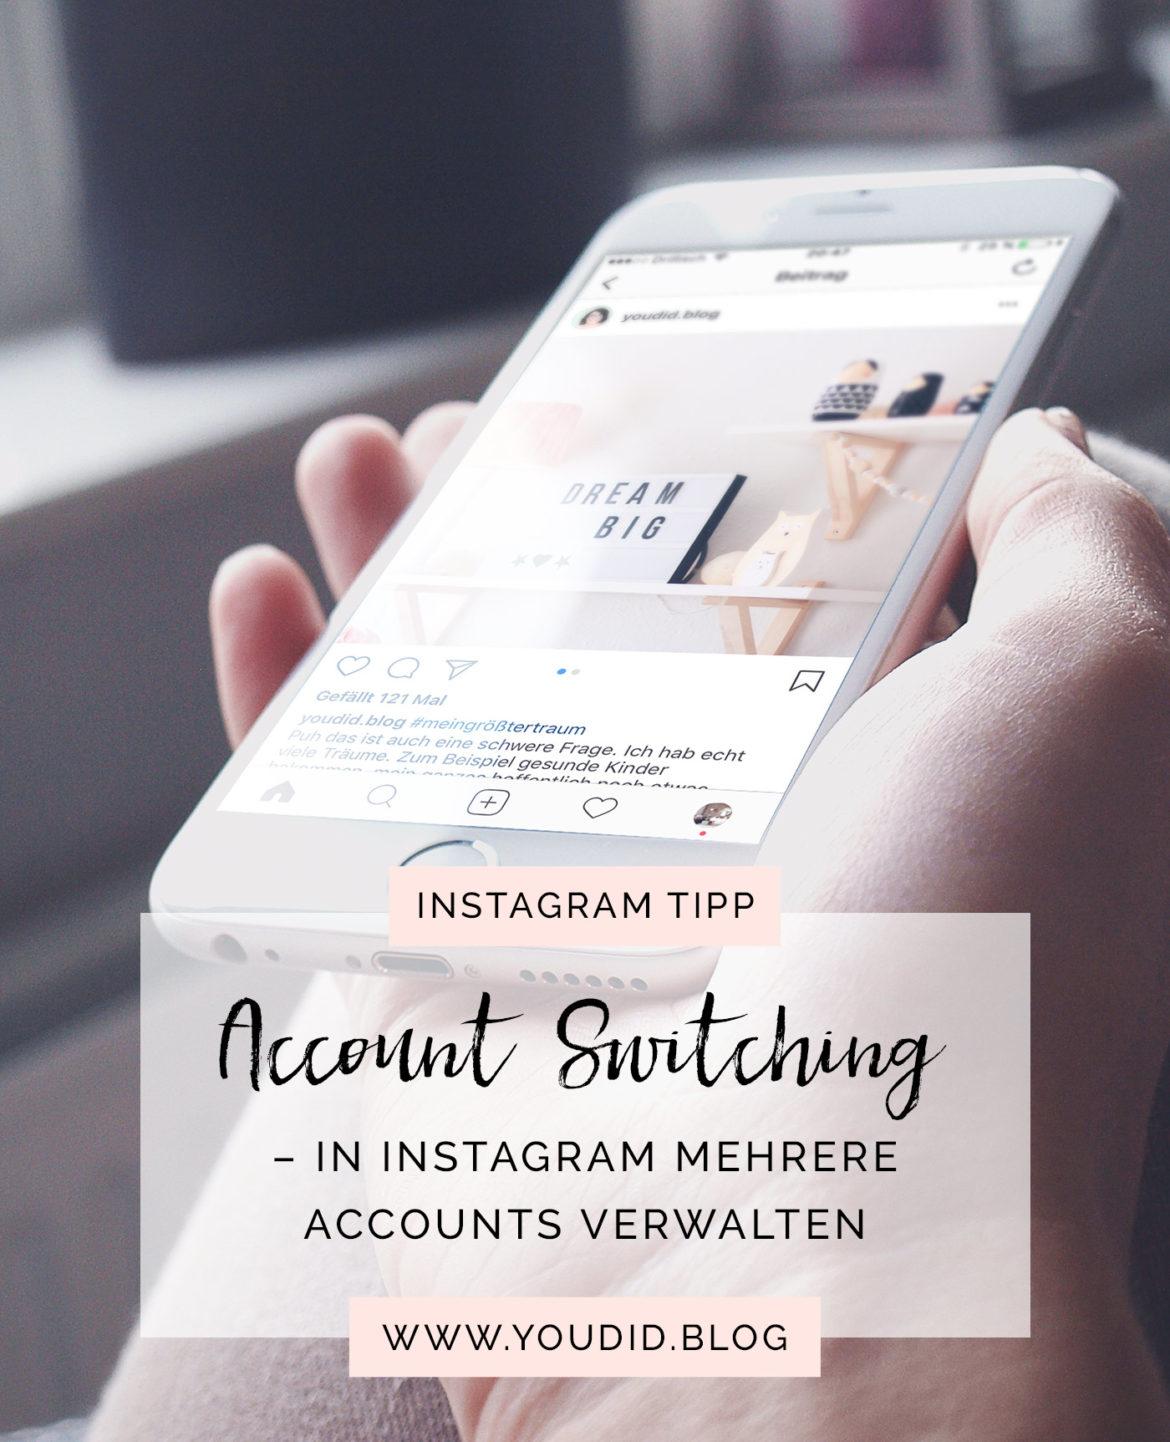 Tutorial Account switching mehrere Accounts in Instagram verwalten | www.youdid-design.de